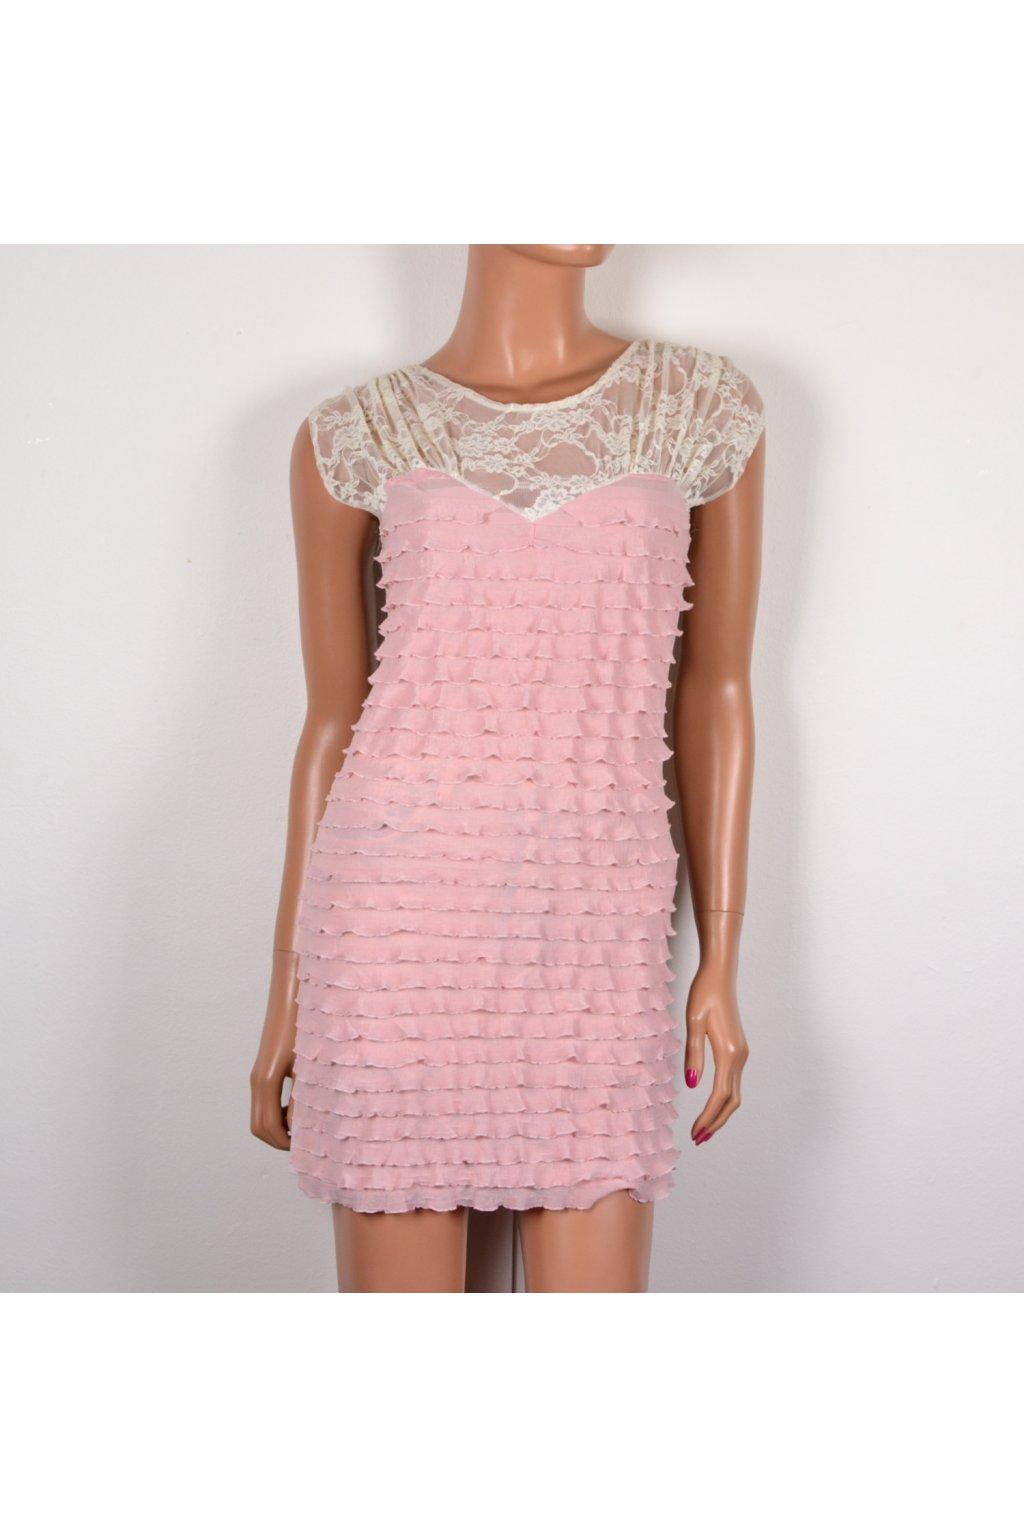 Šaty Hearts & Bows vel S růžové s krajkou